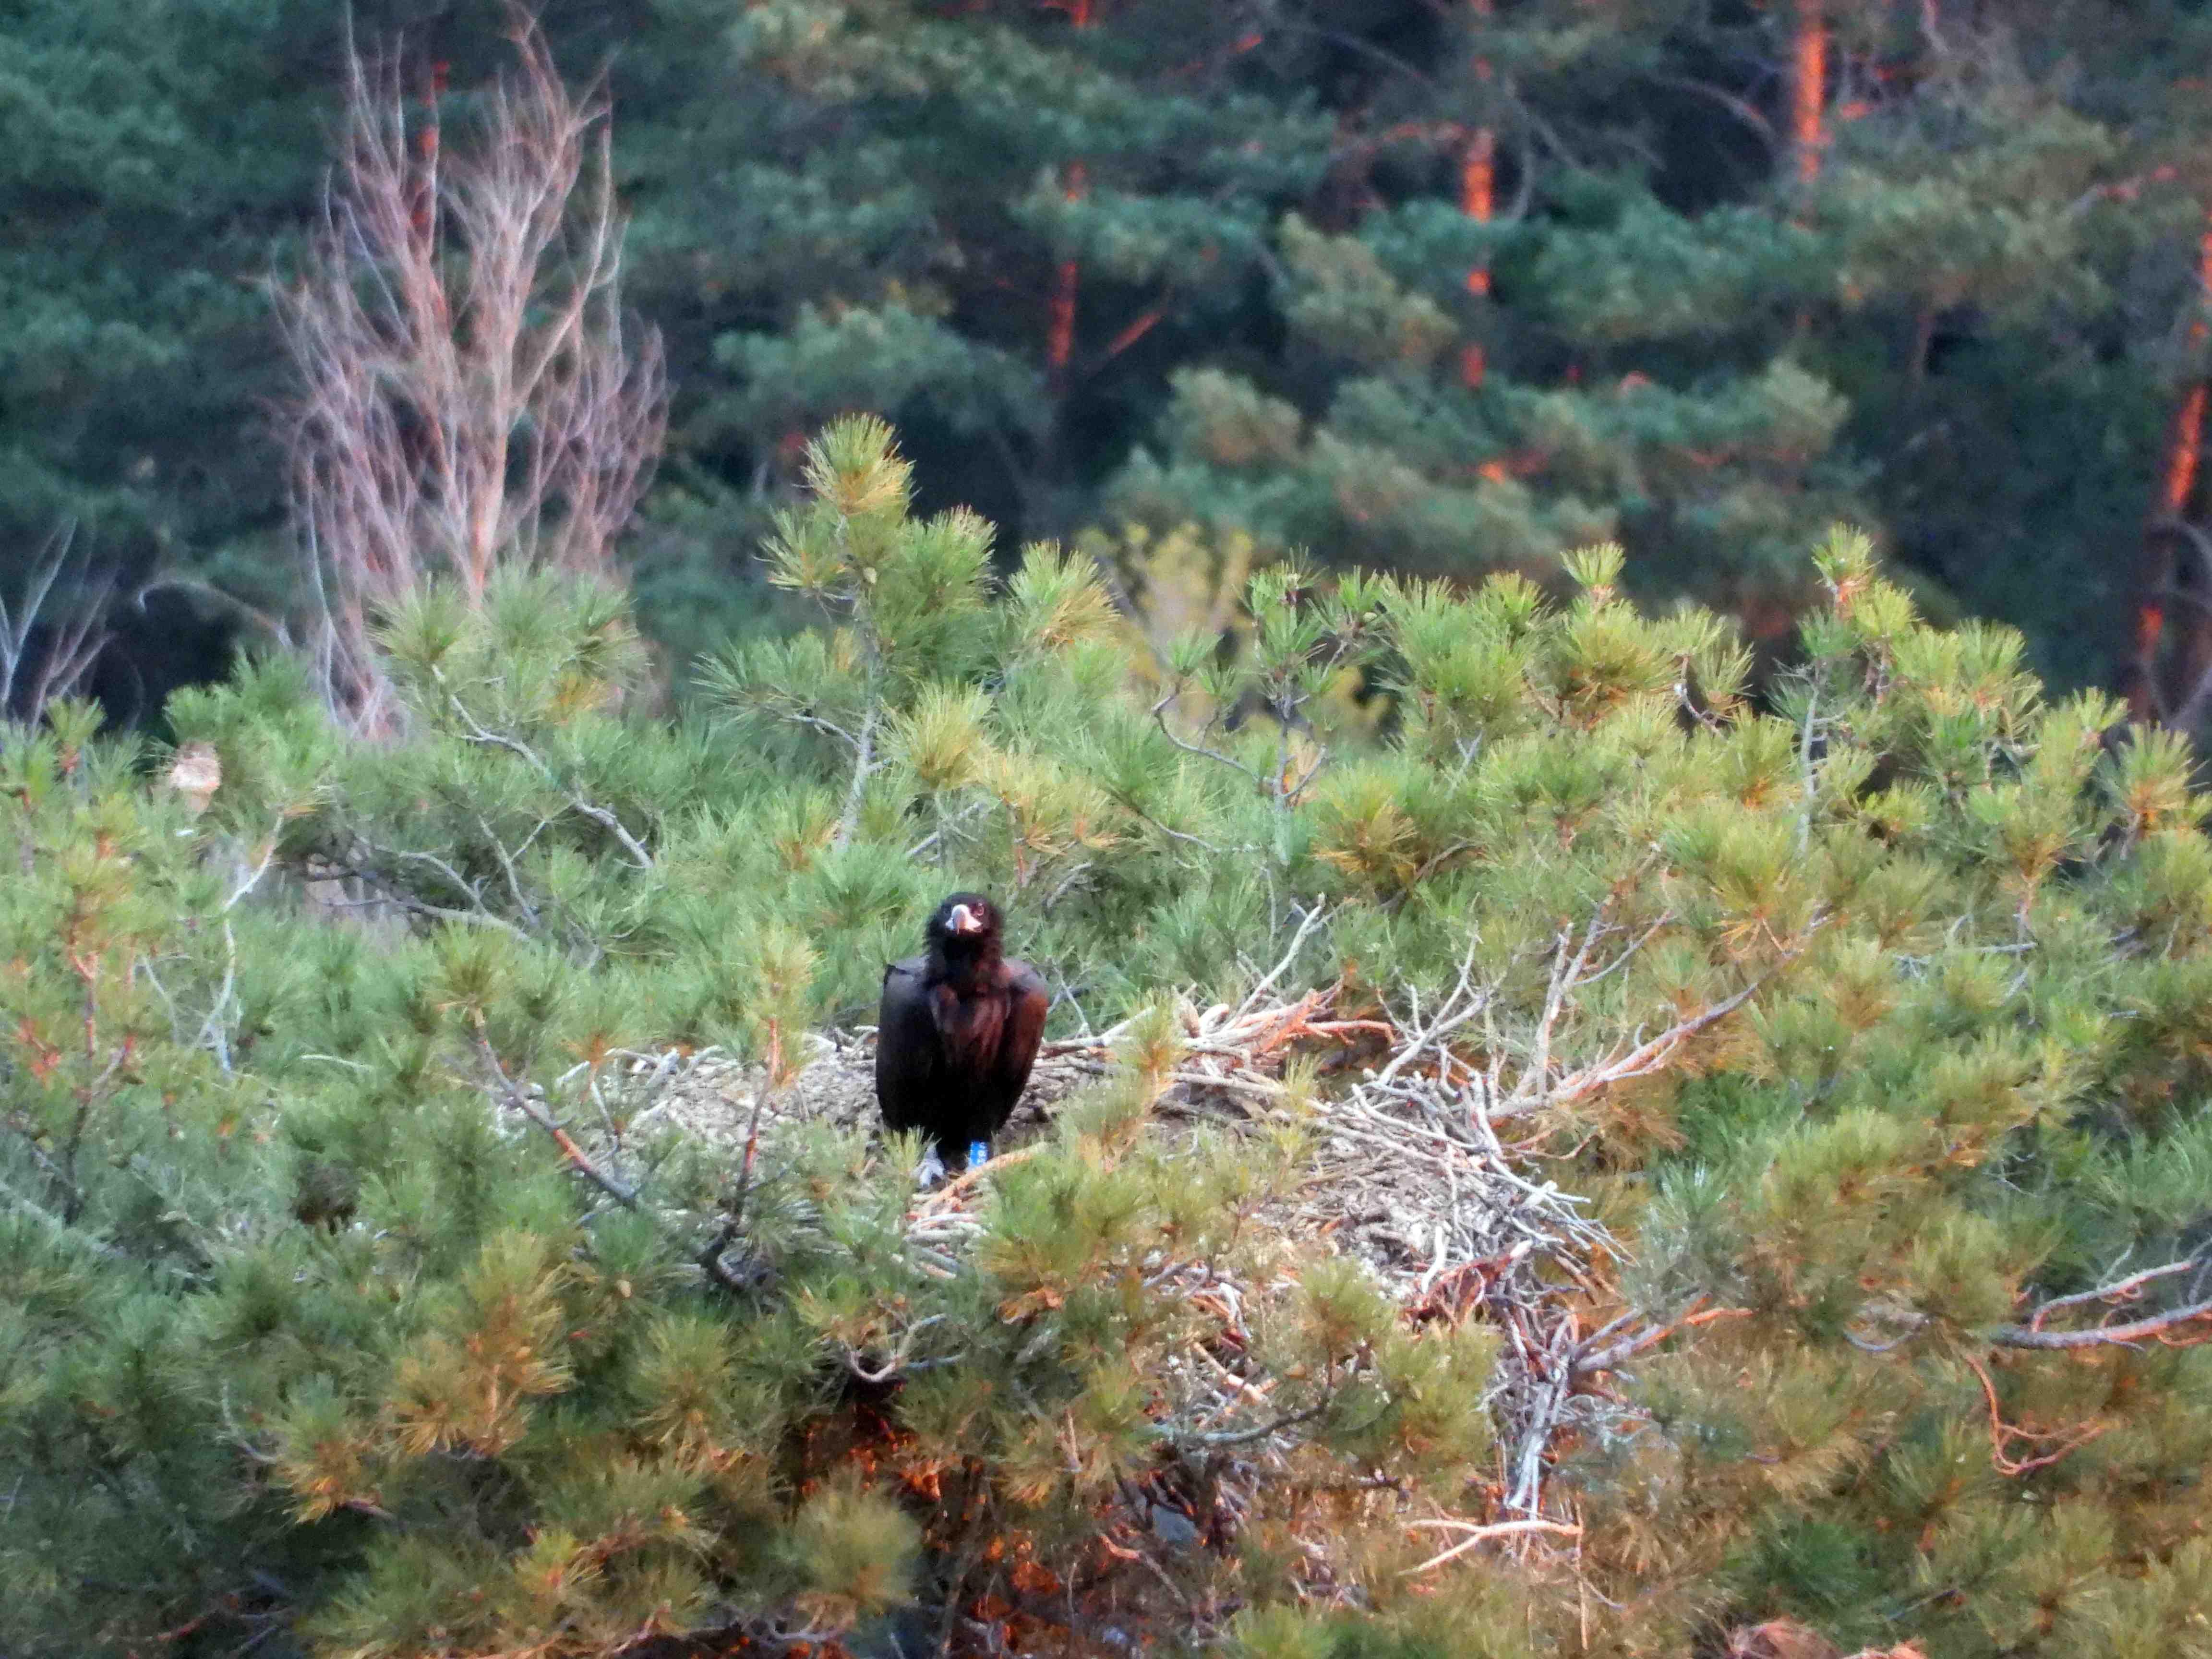 El buitre negro intoxicado por diclofenaco, fotografiado con vida dos días antes de conocerse su muerte en el nido. Imagen: Grefa